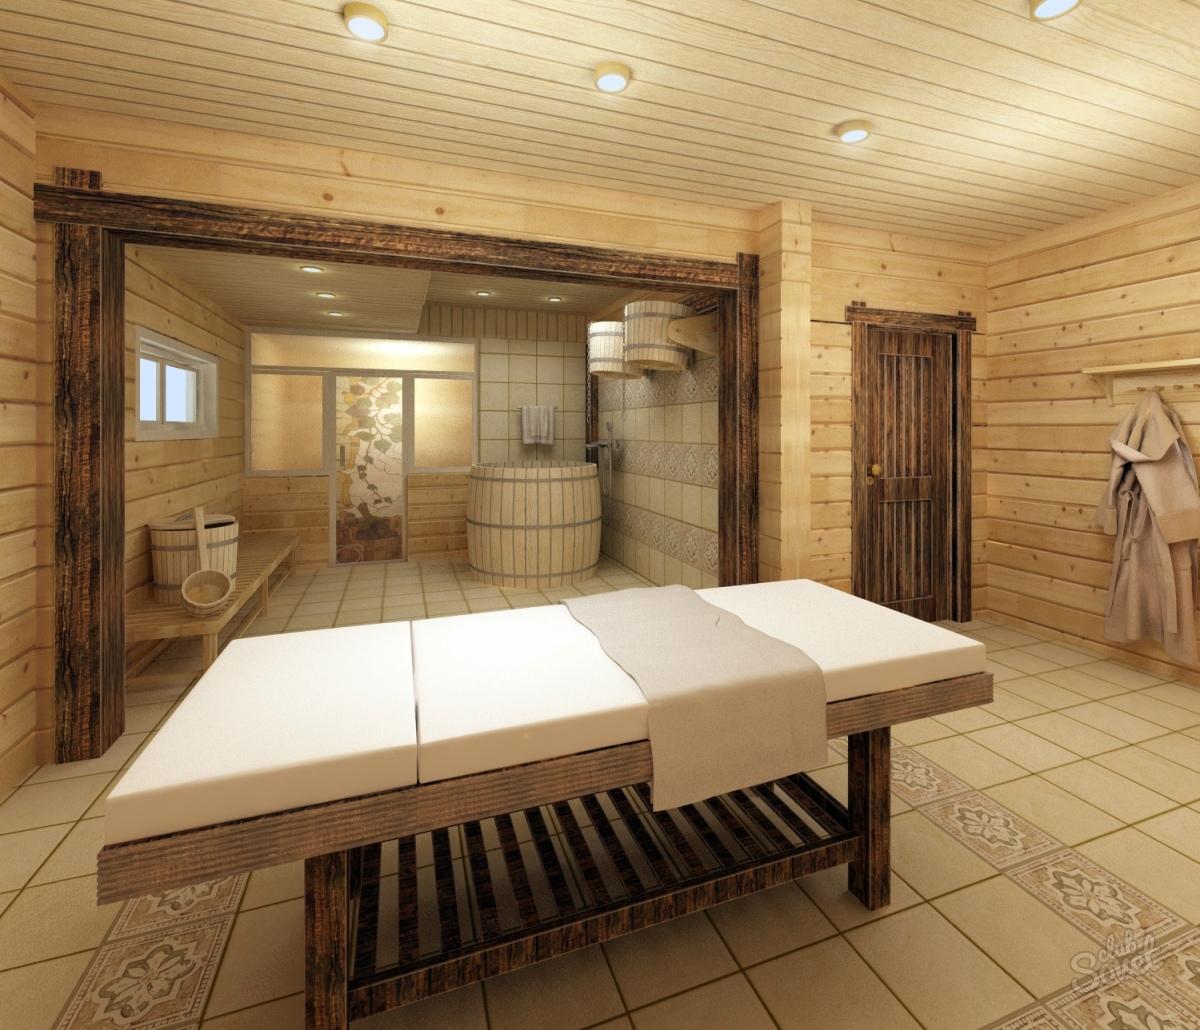 Комната отдыха в бане: планировка и обустройство